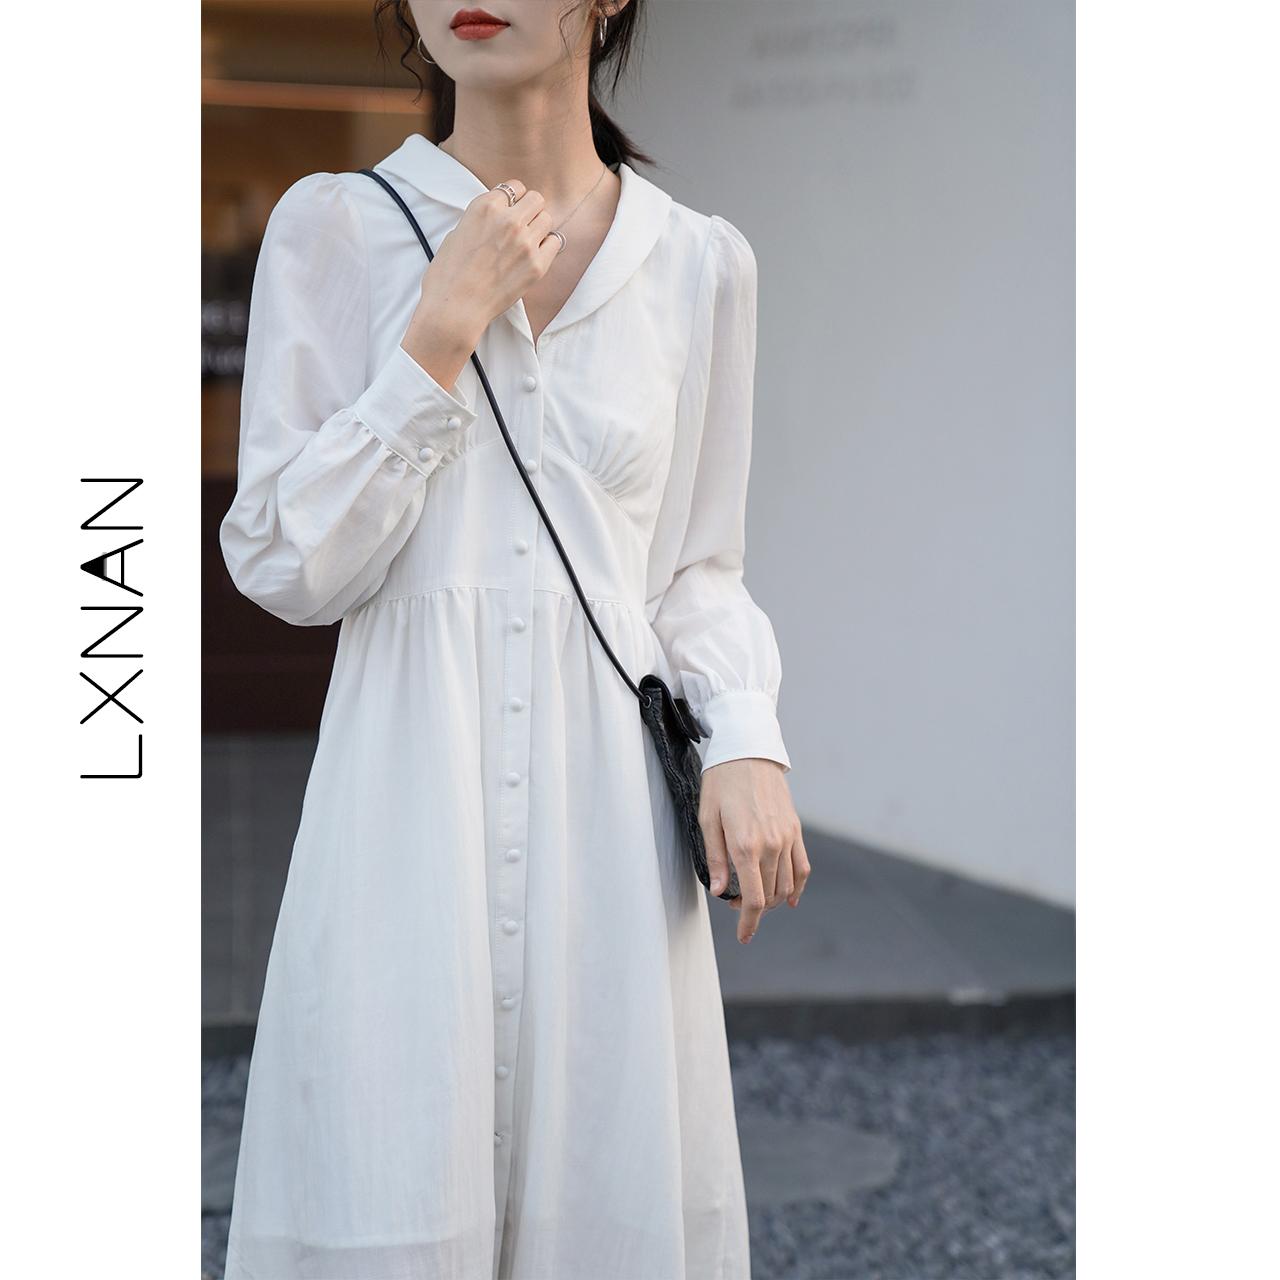 【鹿向南】2020春款设计感白色连衣裙